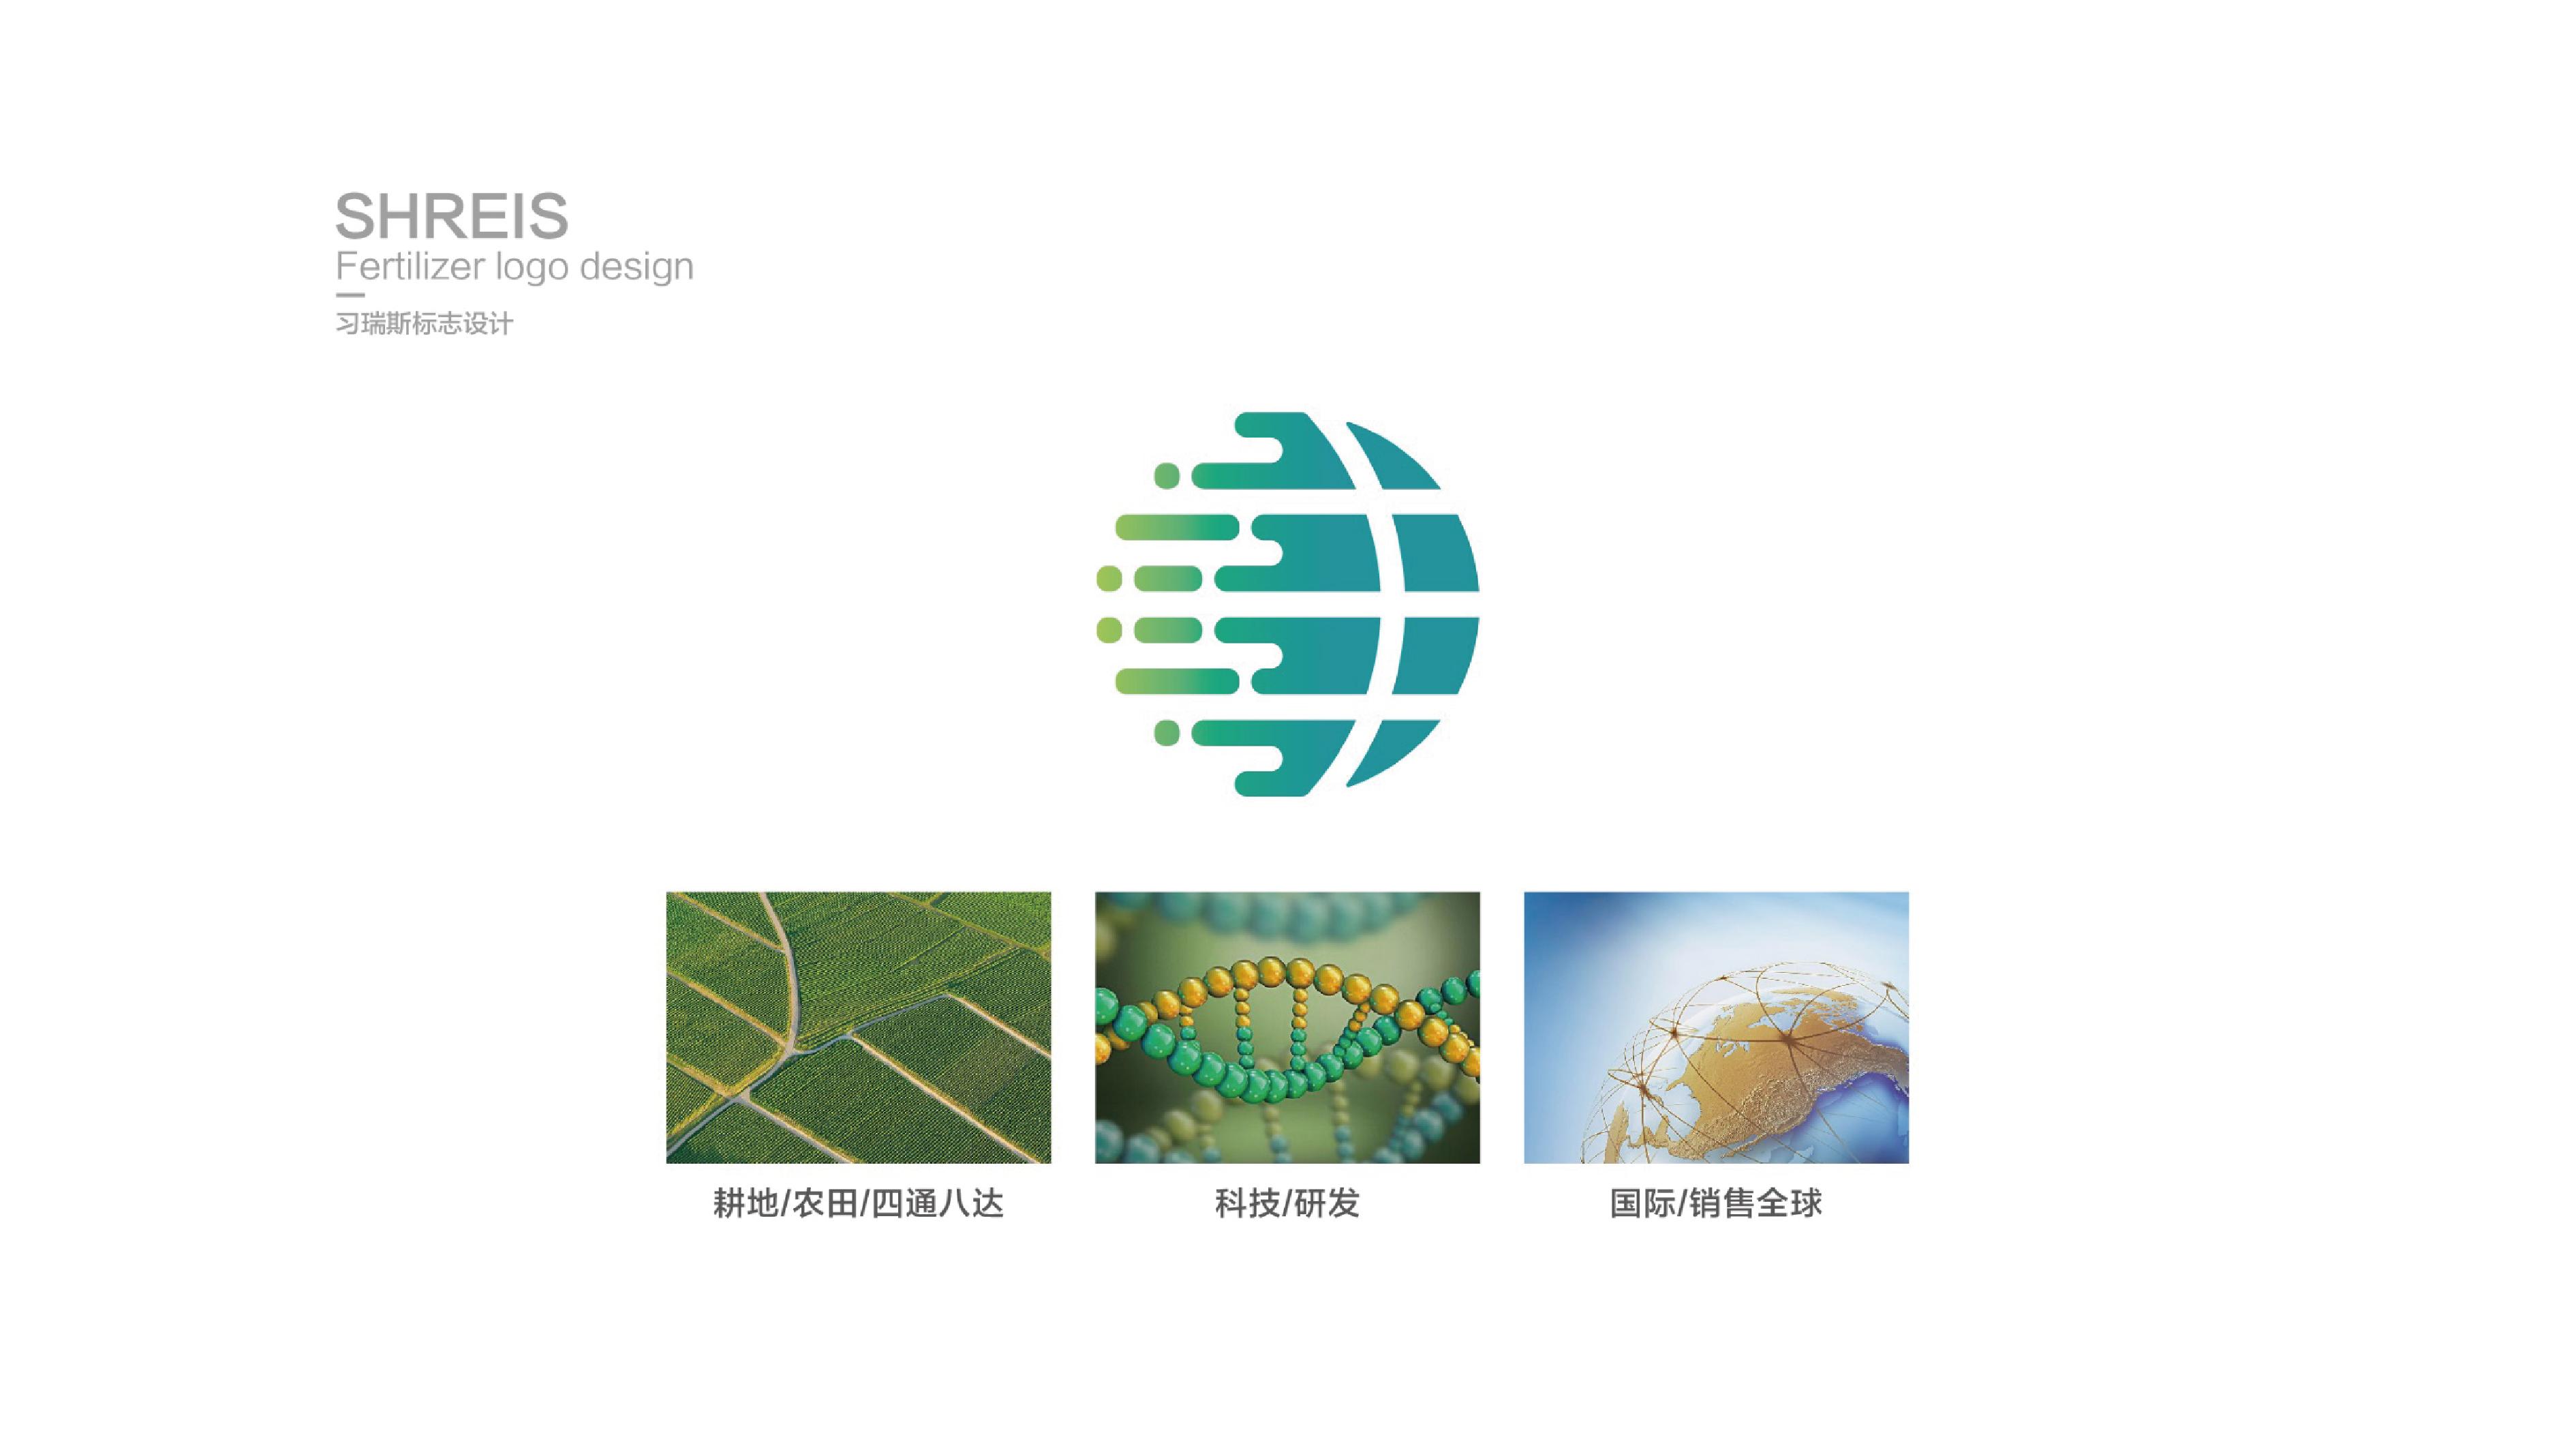 融延土壤肥料-融延土壤肥料-05